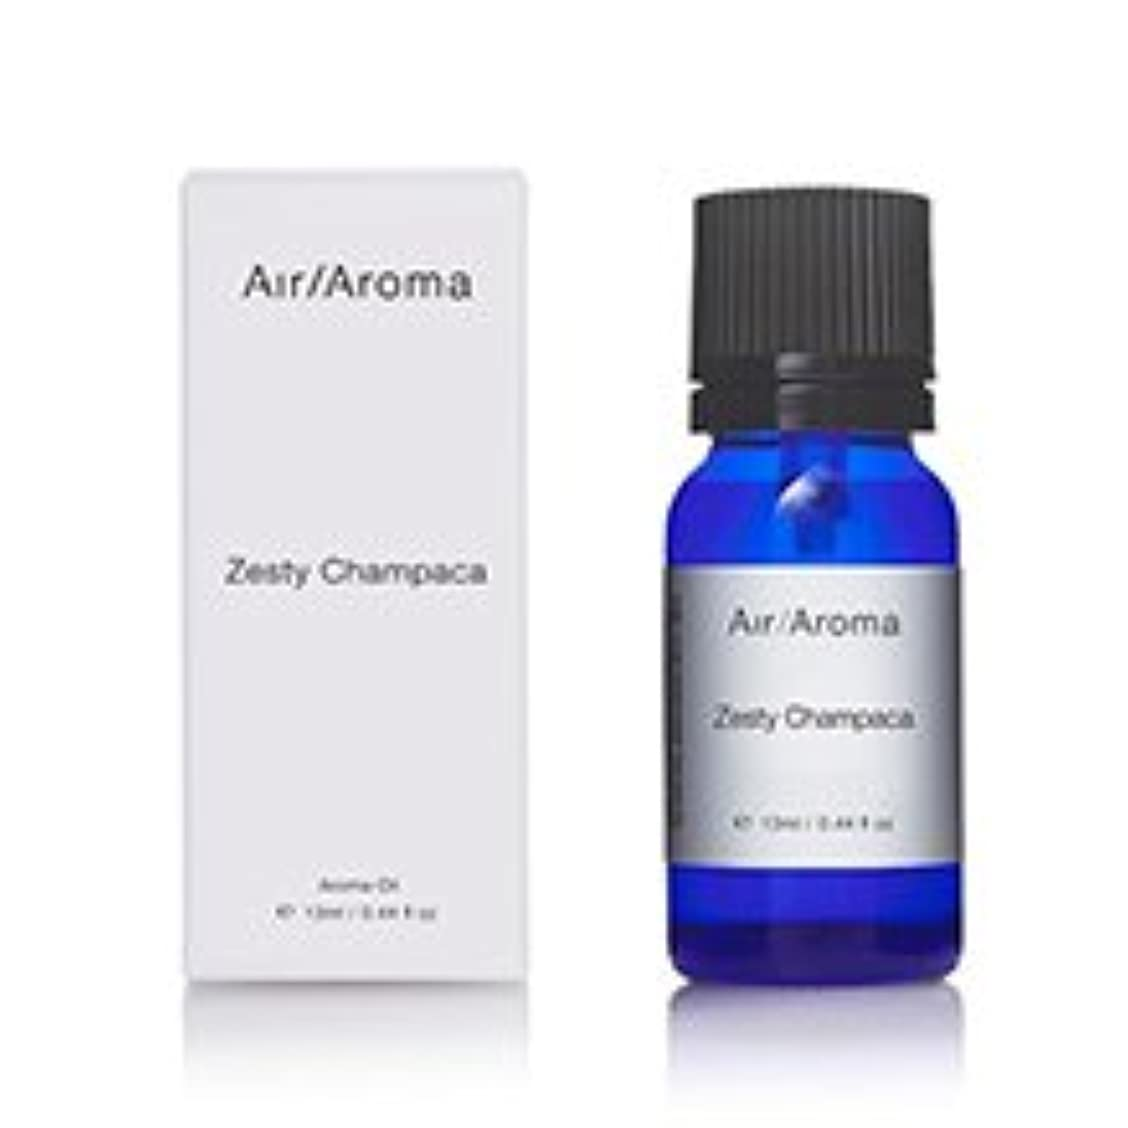 発明する増強する傘エアアロマ zesty champaca (ゼスティチャンパカ) 13ml